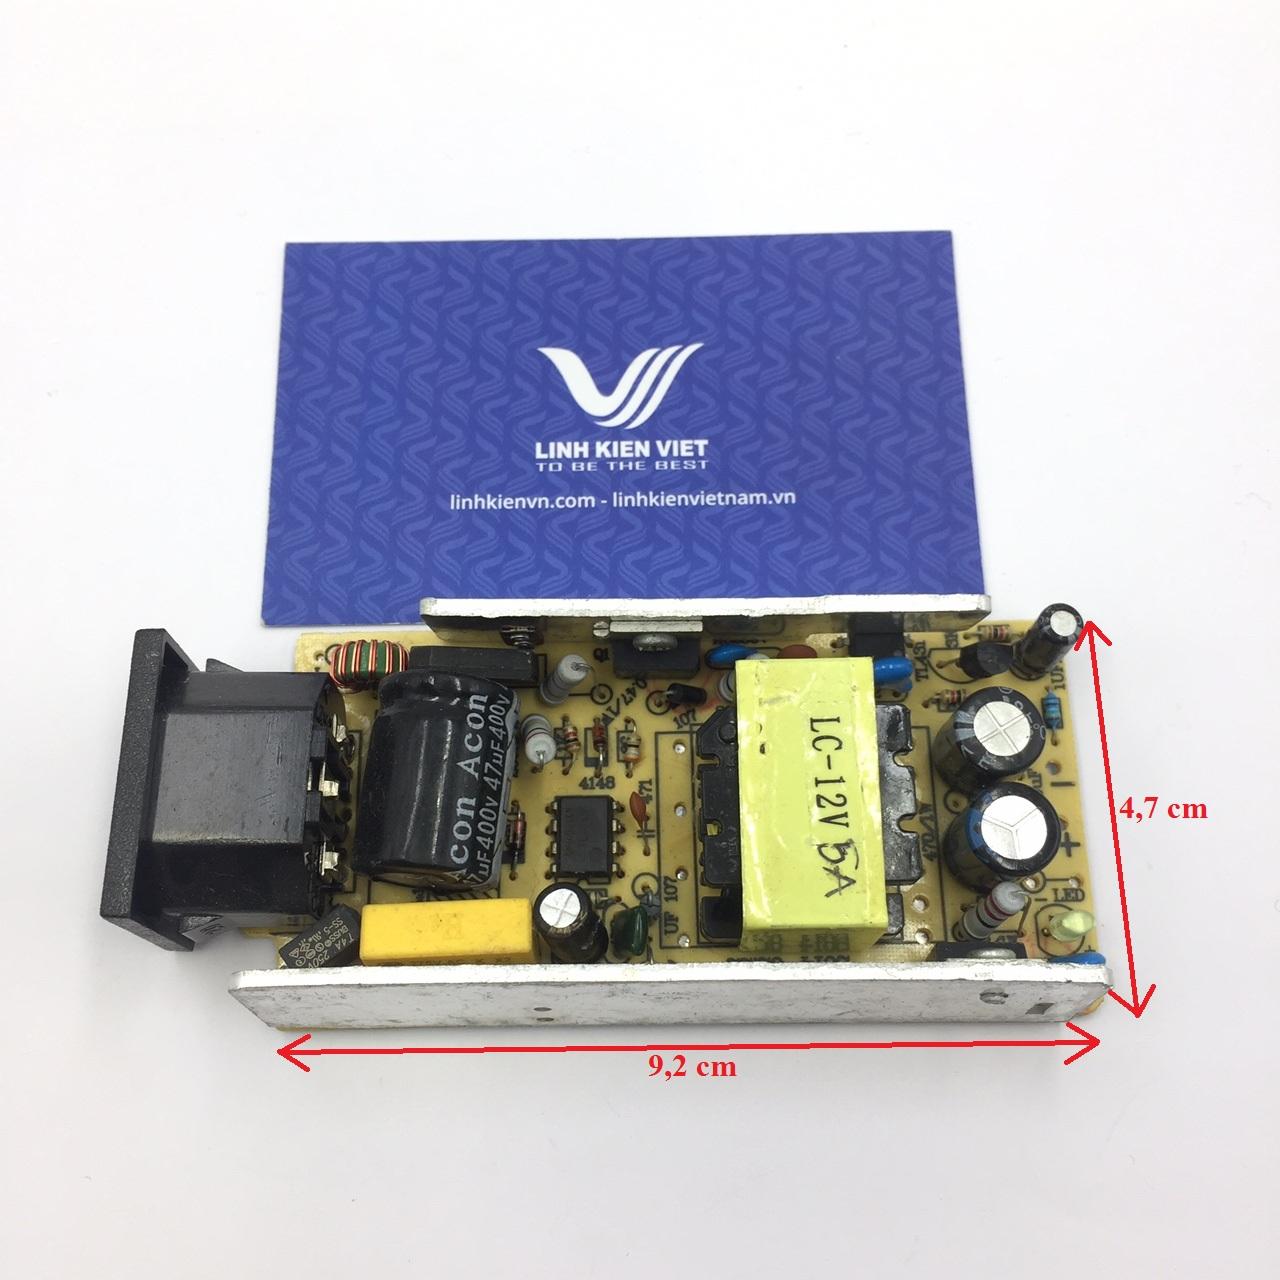 Nguồn adapter 12V 5A không vỏ - B3H11(KA7H4)